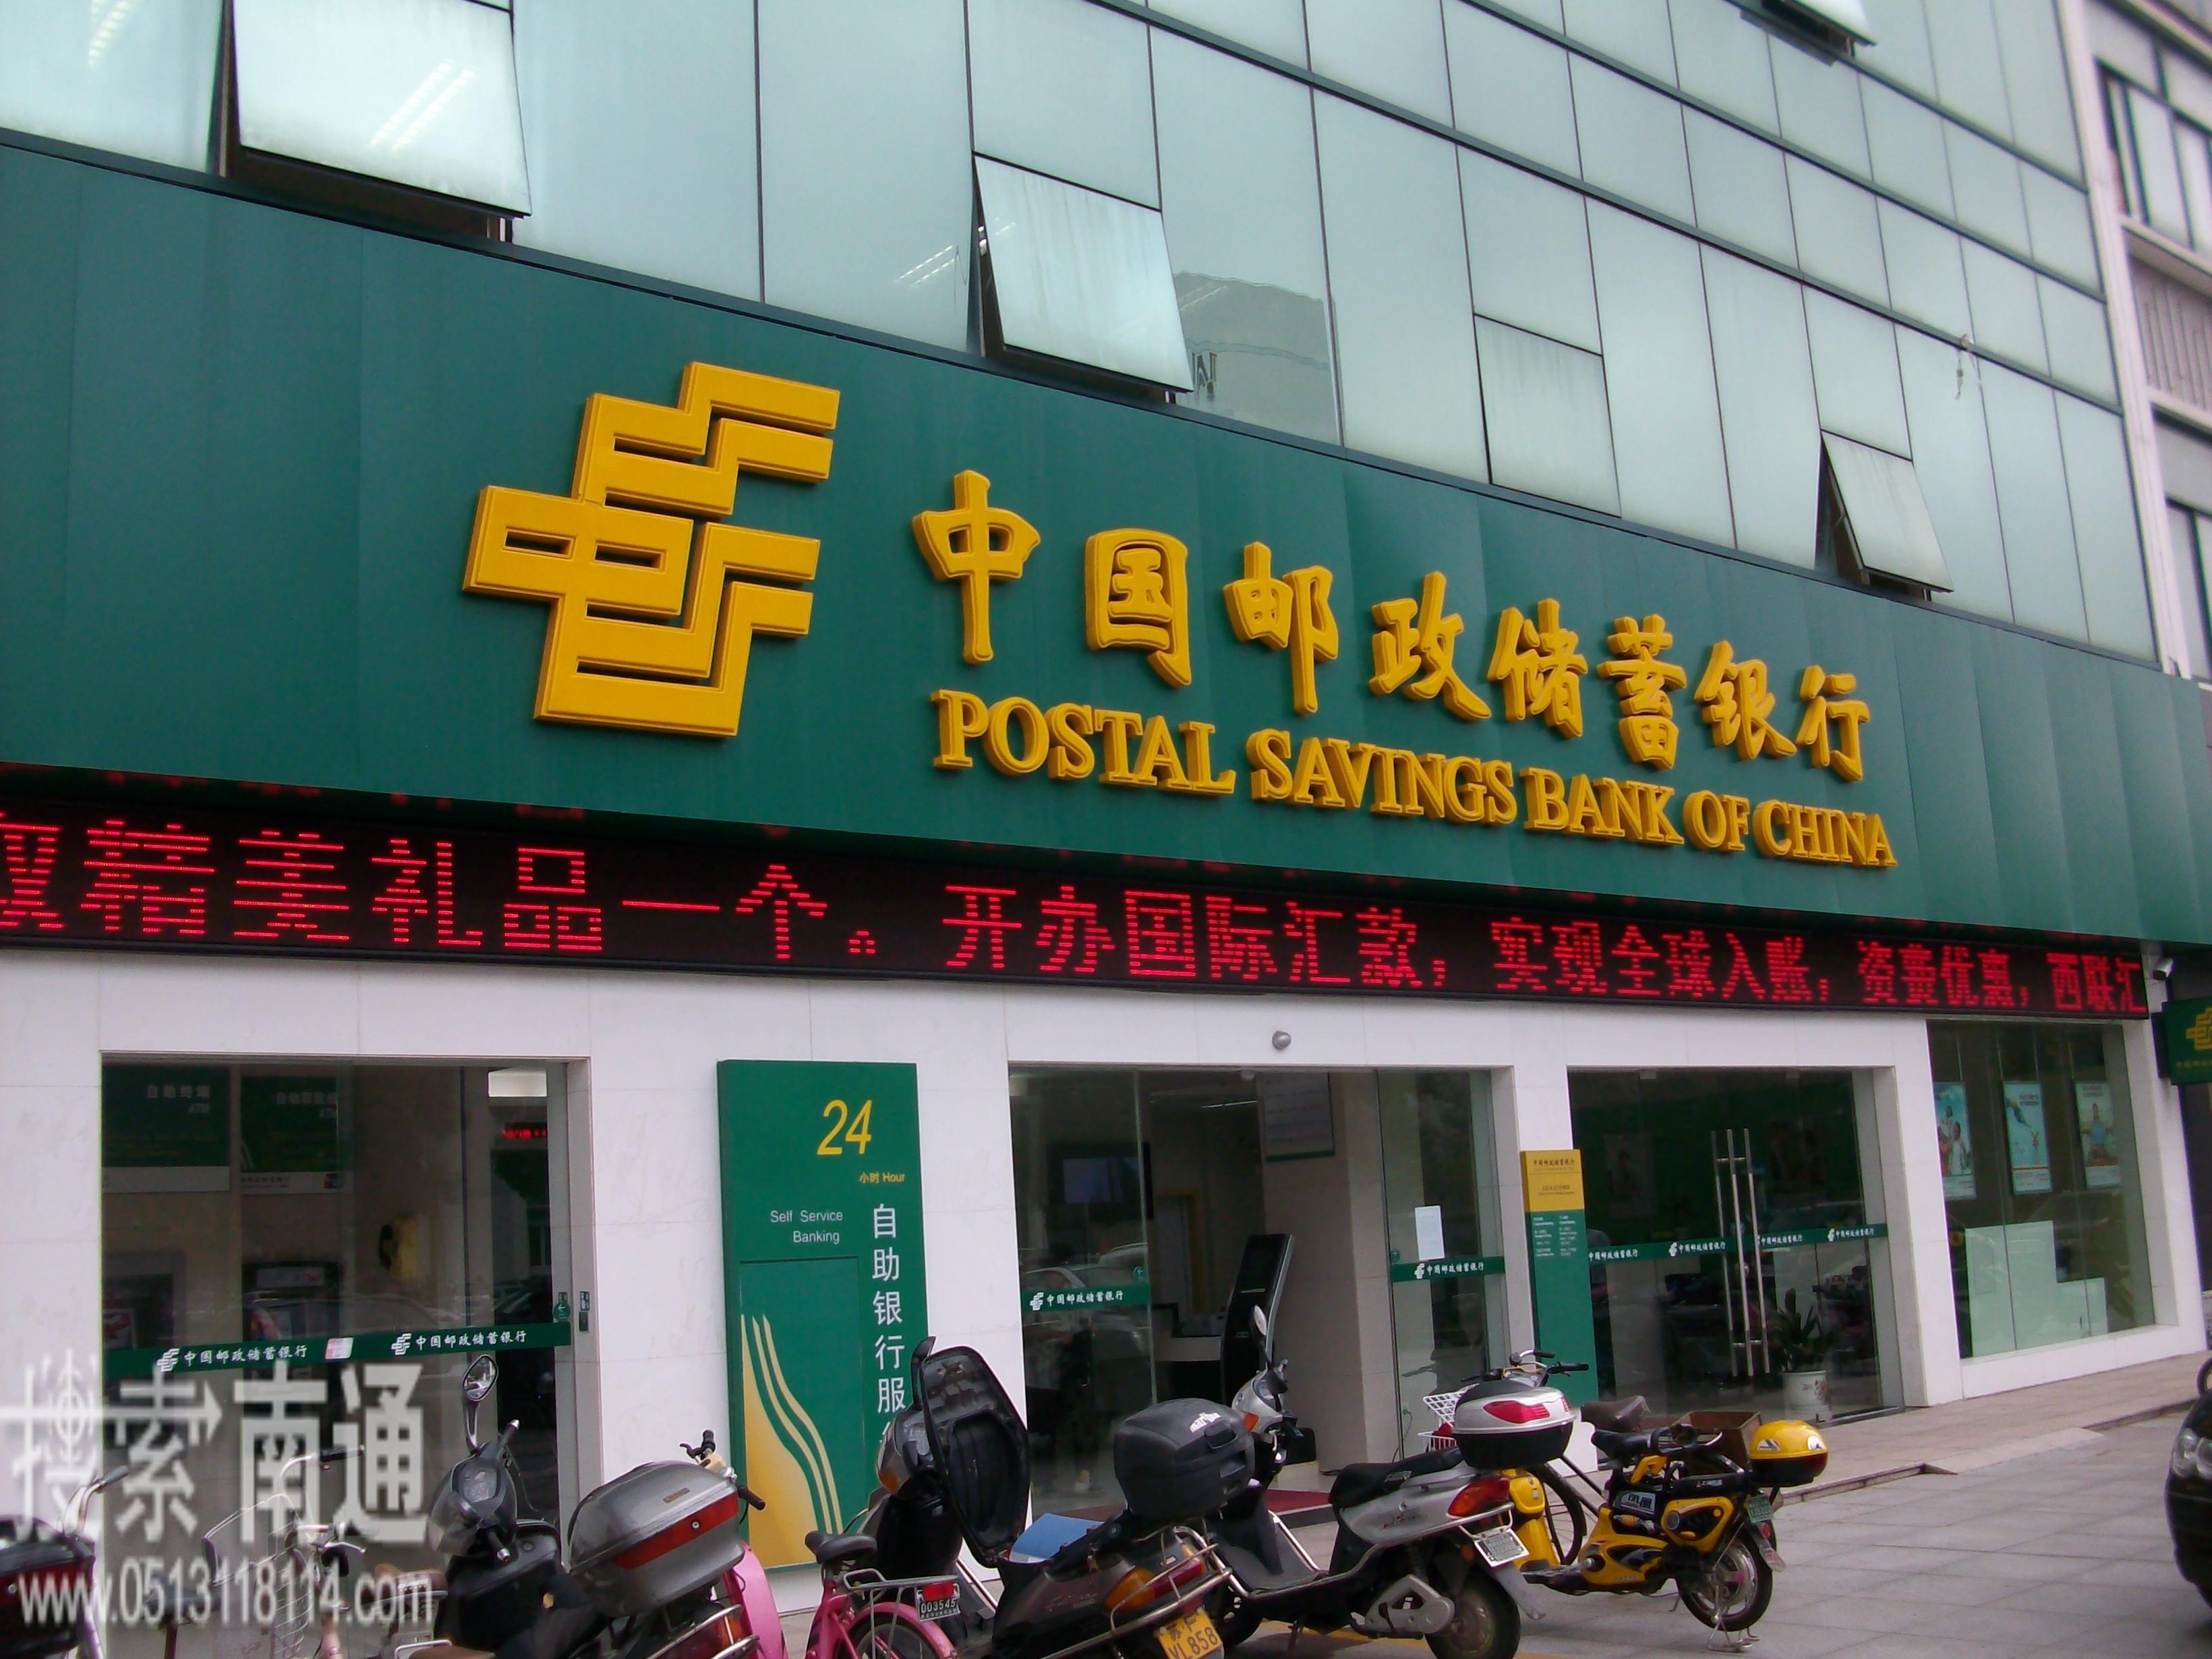 中国邮政储蓄银行_中国邮政储蓄银行办公室环境特写-金针菇企评网